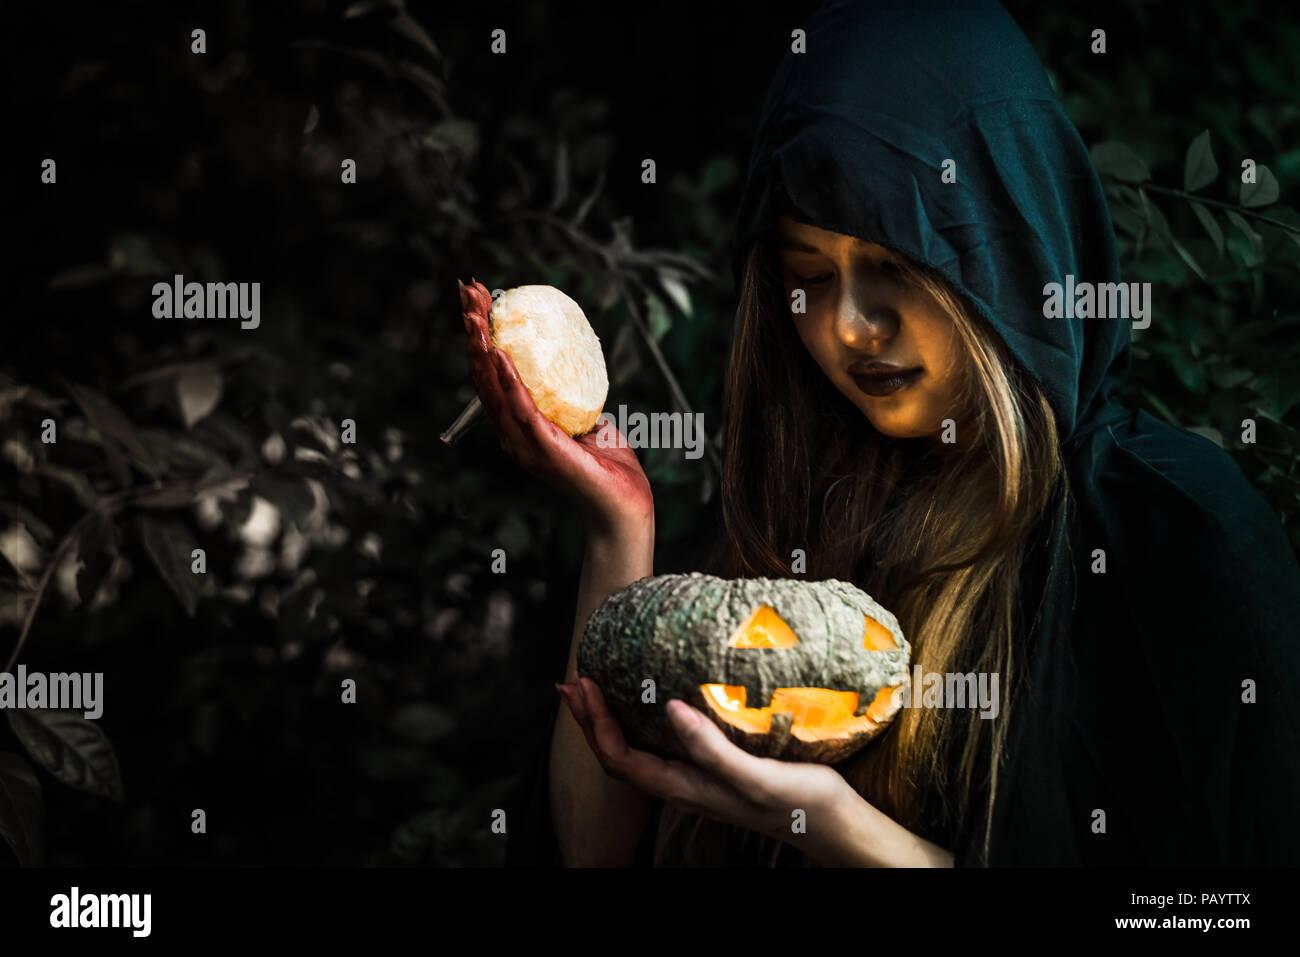 Bruja calabaza apertura tapa a mano. Mujer vieja celebración brillante calabaza en un bosque oscuro. El día de Halloween y misterio concepto. Tema de la magia de la fantasía. Un demonio Imagen De Stock